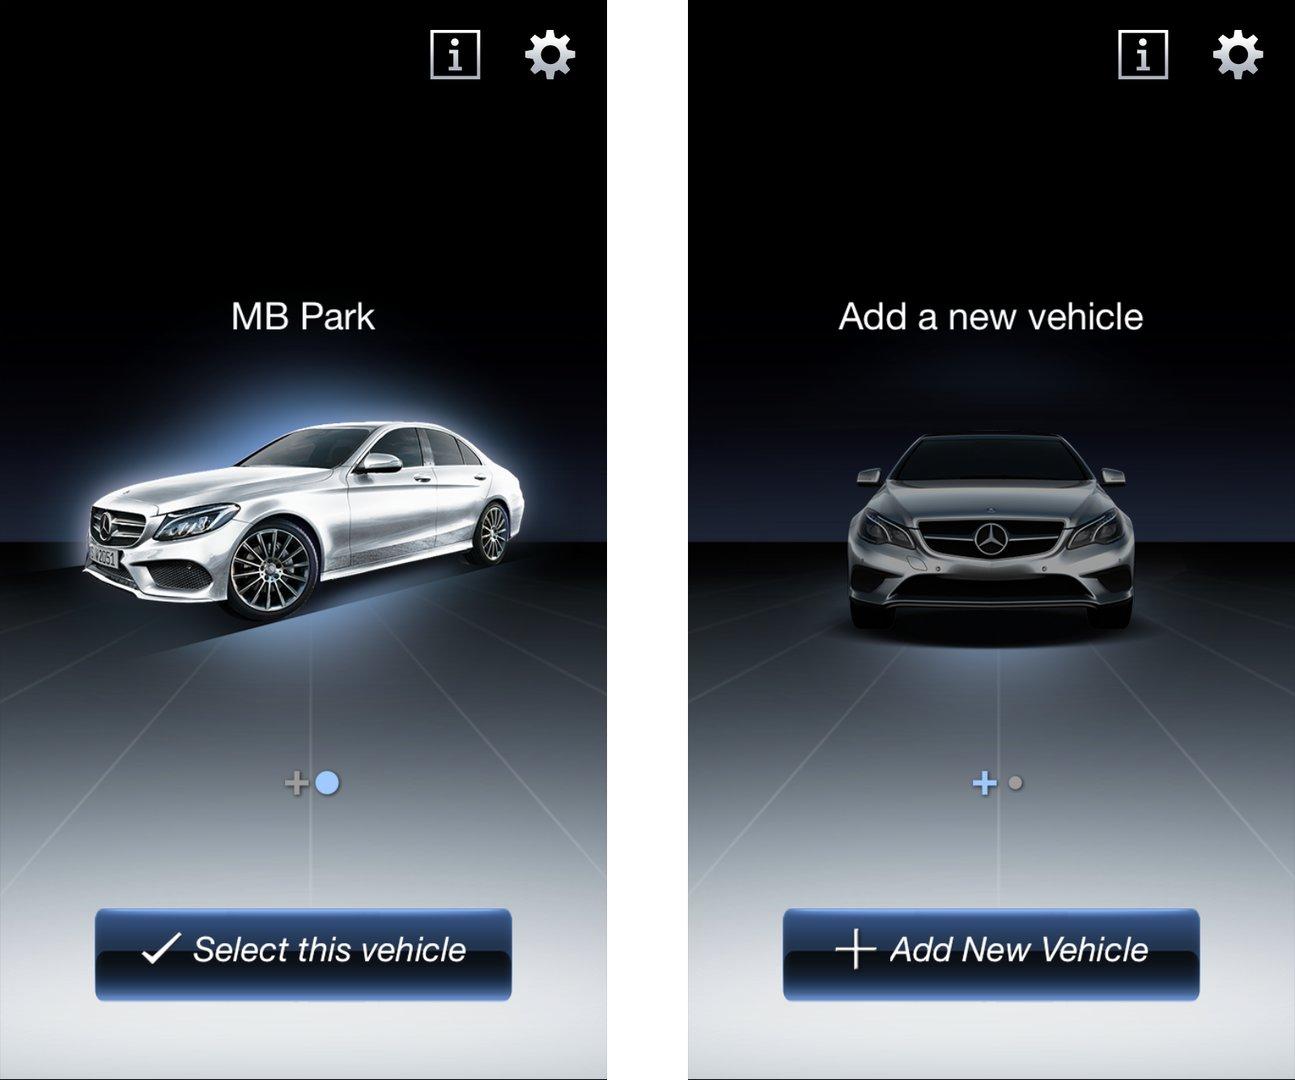 Auswahl des Fahrzeugs / Neuen PKW hinzufügen